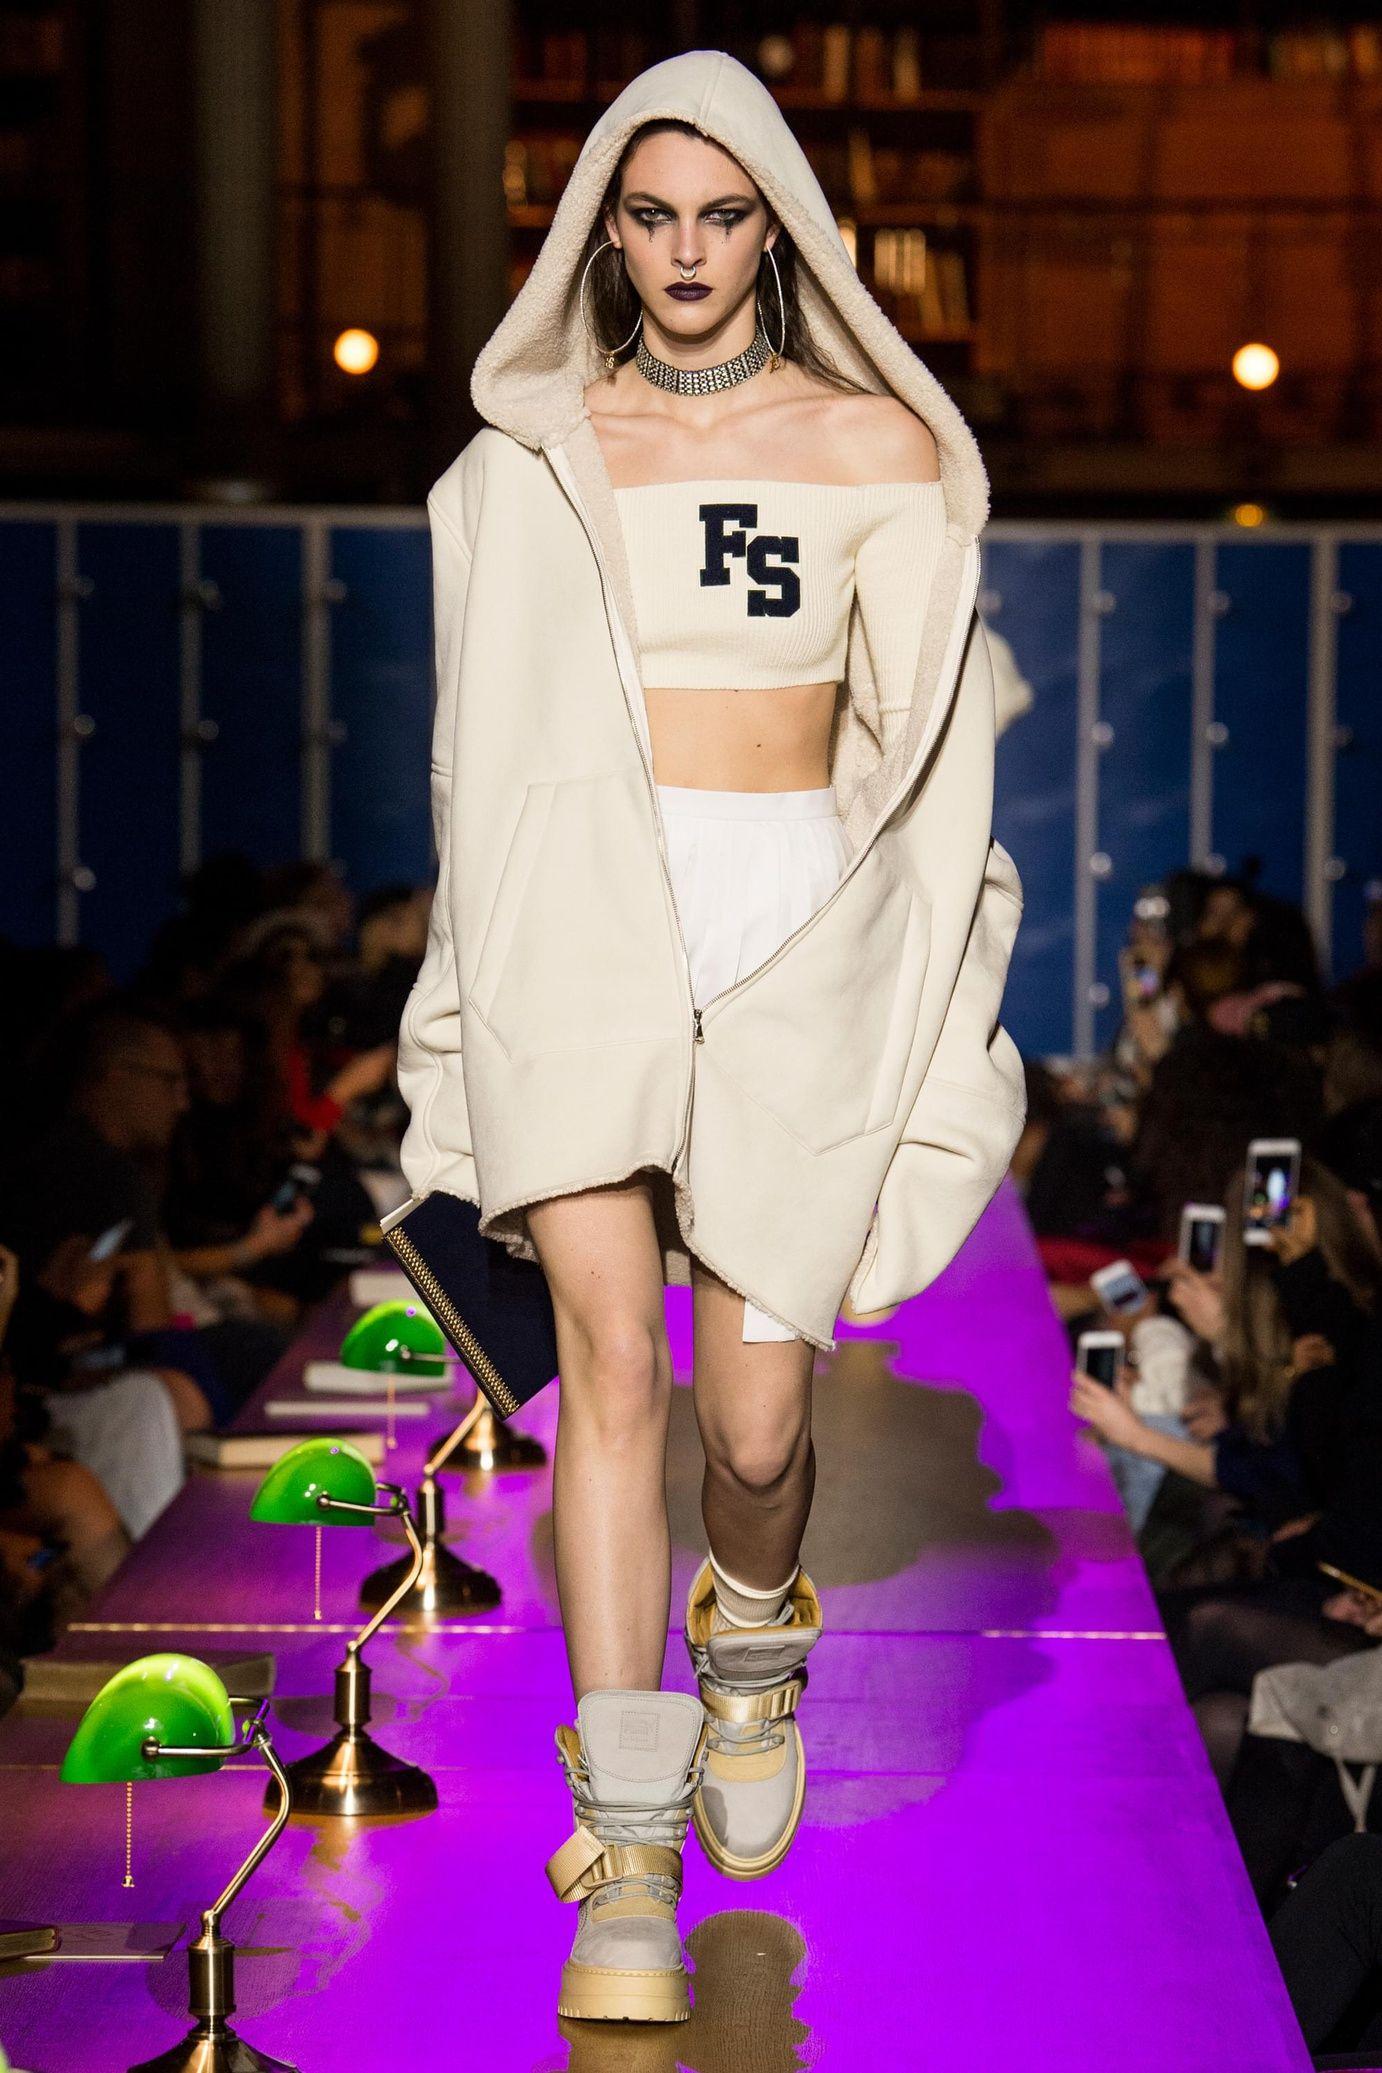 d01c91a2cacd Défilé Fenty x Puma by Rihanna prêt-à-porter femme automne-hiver 2017-2018  PRÊT-À-PORTER